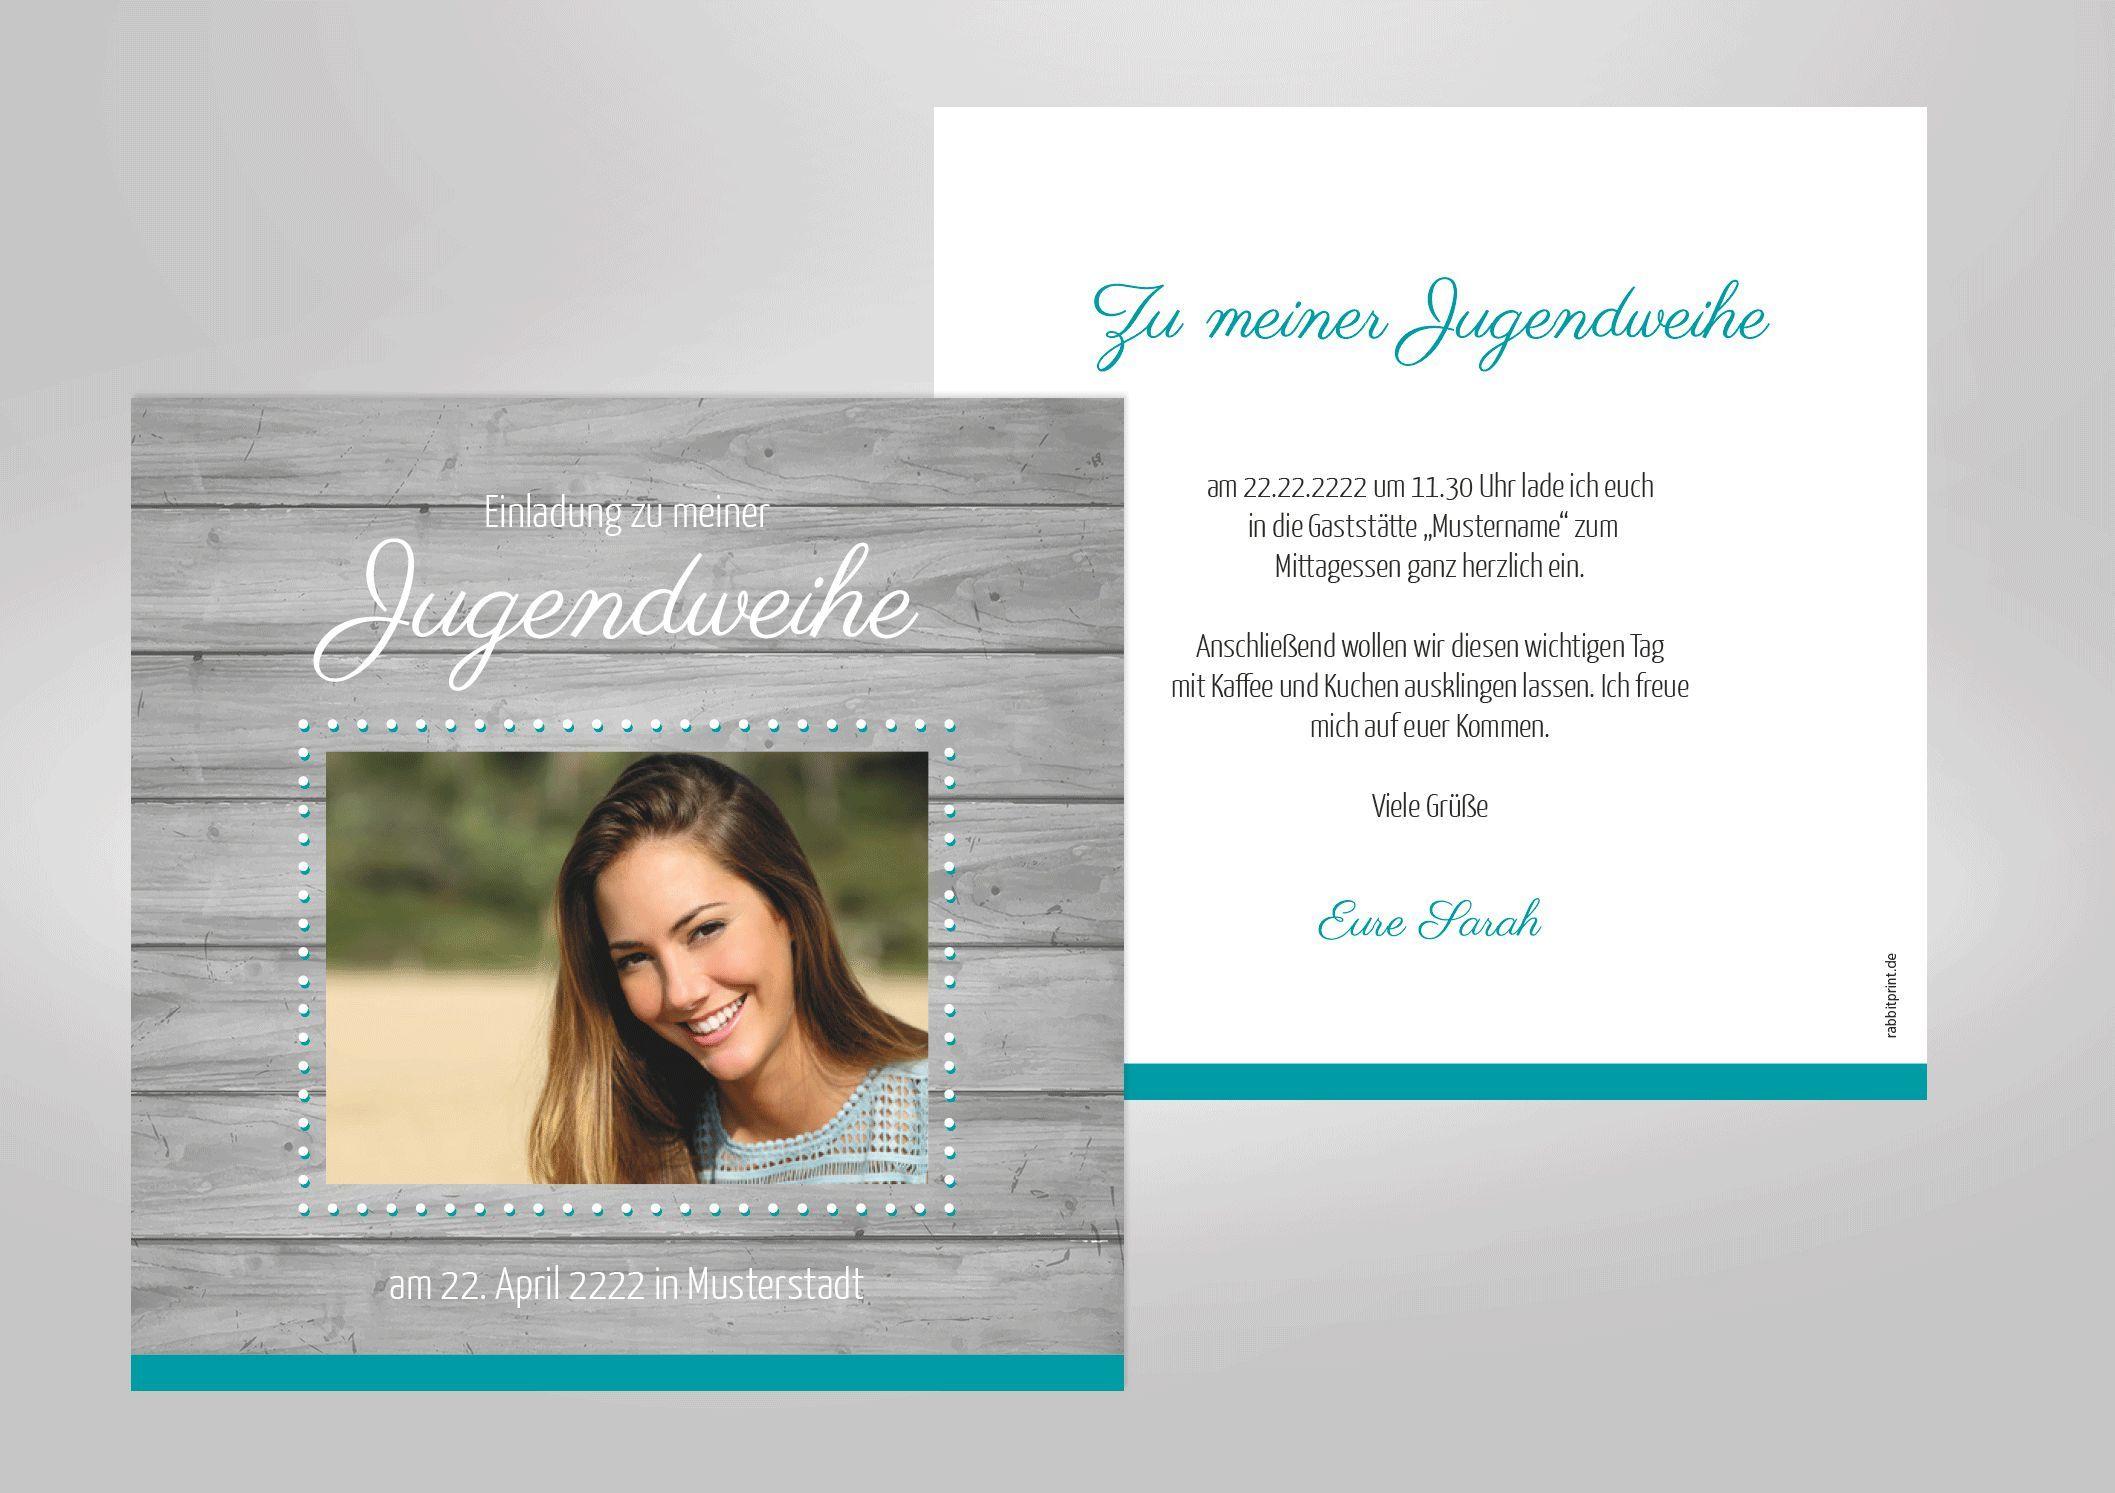 Karten Selbst Gestalten Und Online Drucken: Einladungskarten-jugendweihe-selbst-gestalten